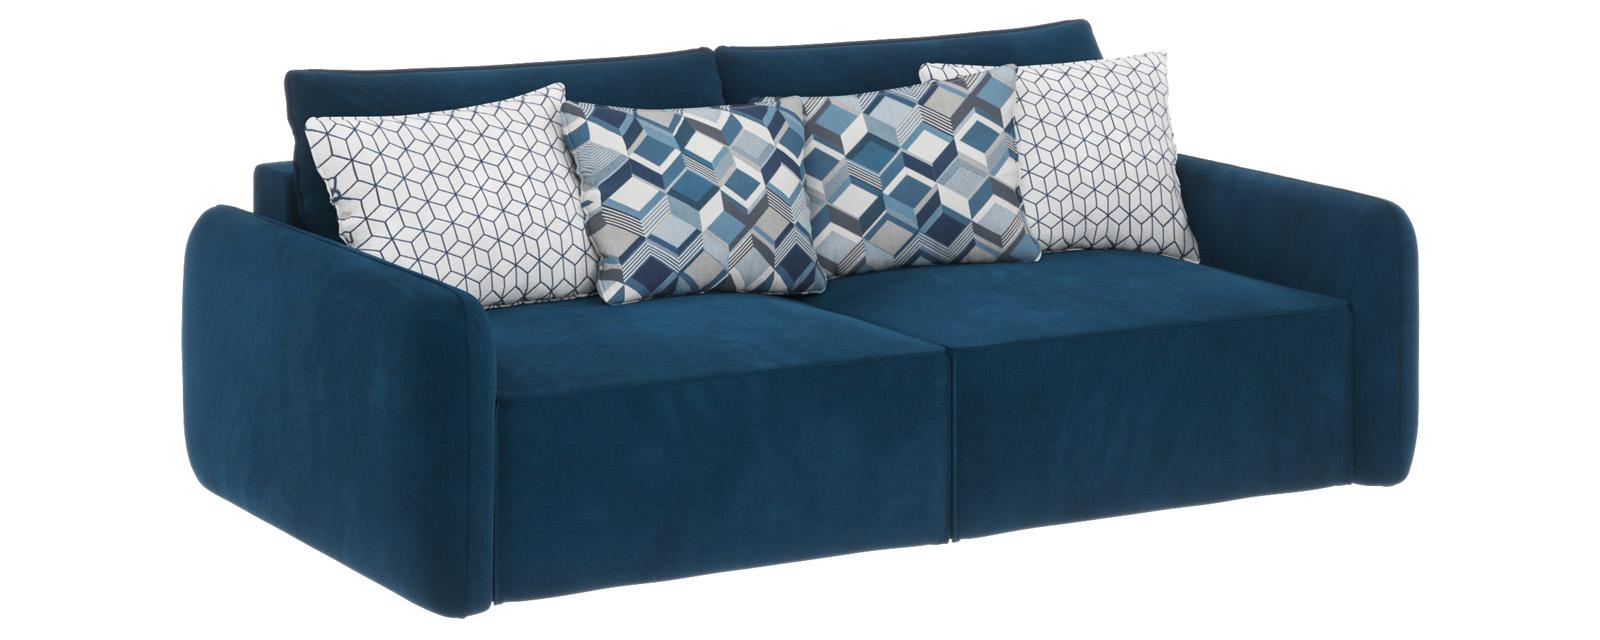 Купить Модульный диван Портленд вариант №7 Premier светло-синий (Микровелюр), HomeMe, Светло-синий